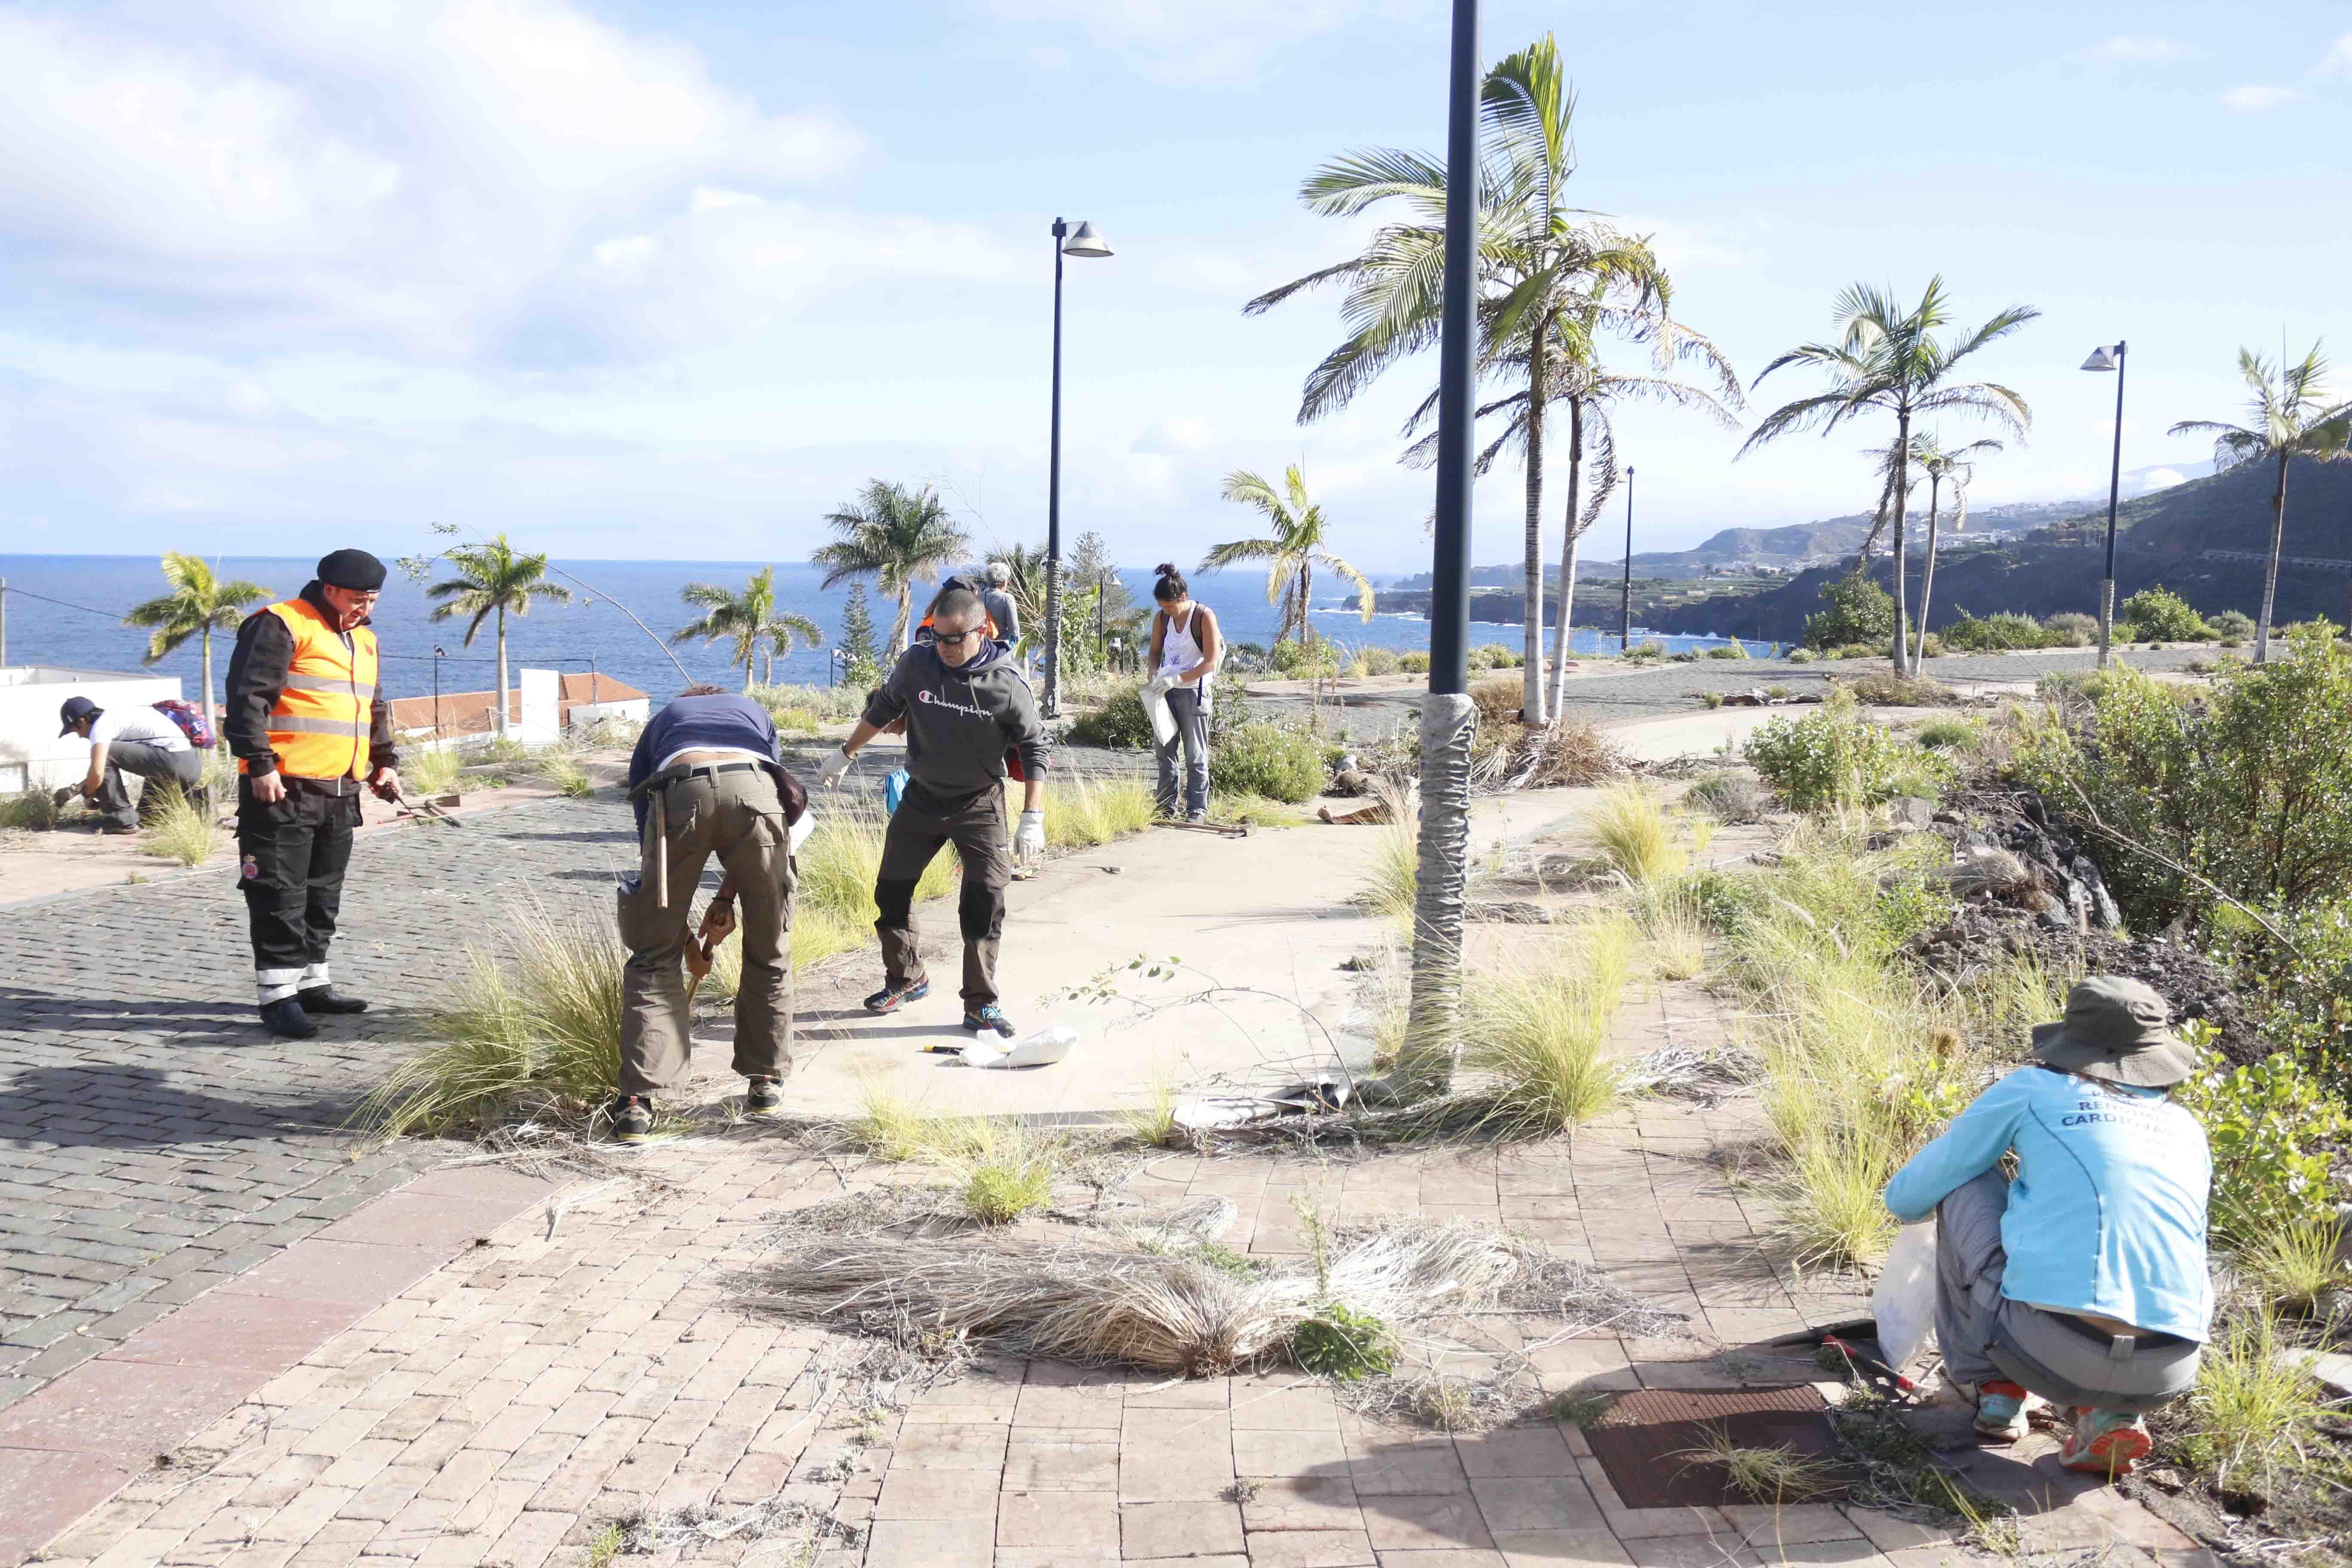 Labores de erradicación de rabo de gato en la urbanización El Lamero